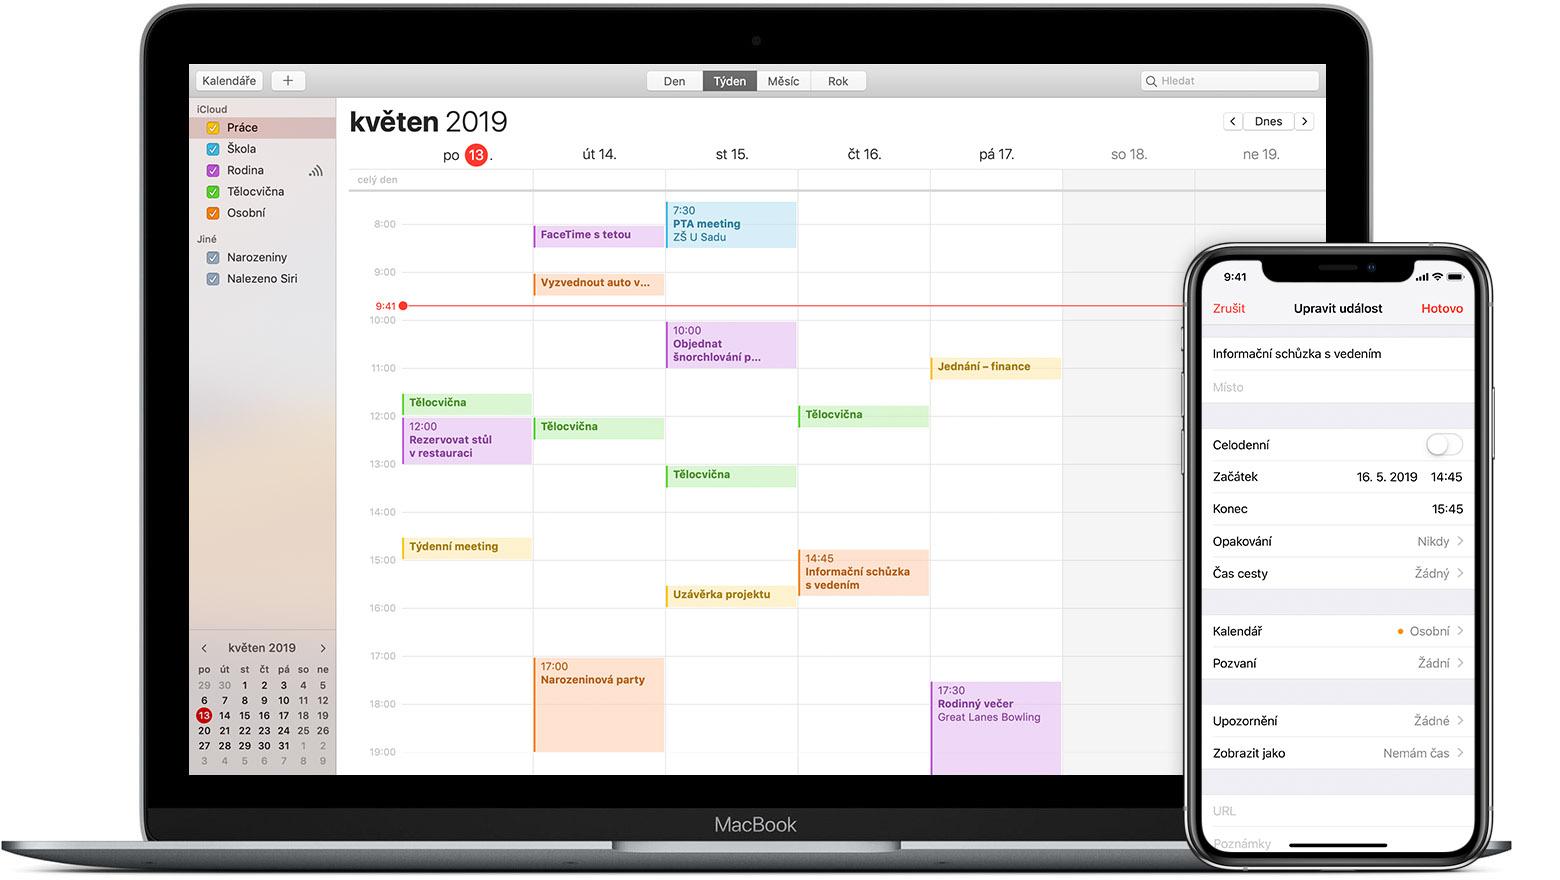 Jak mohu připojit můj iPhone k mému mac seznamka použitá při online rituálech